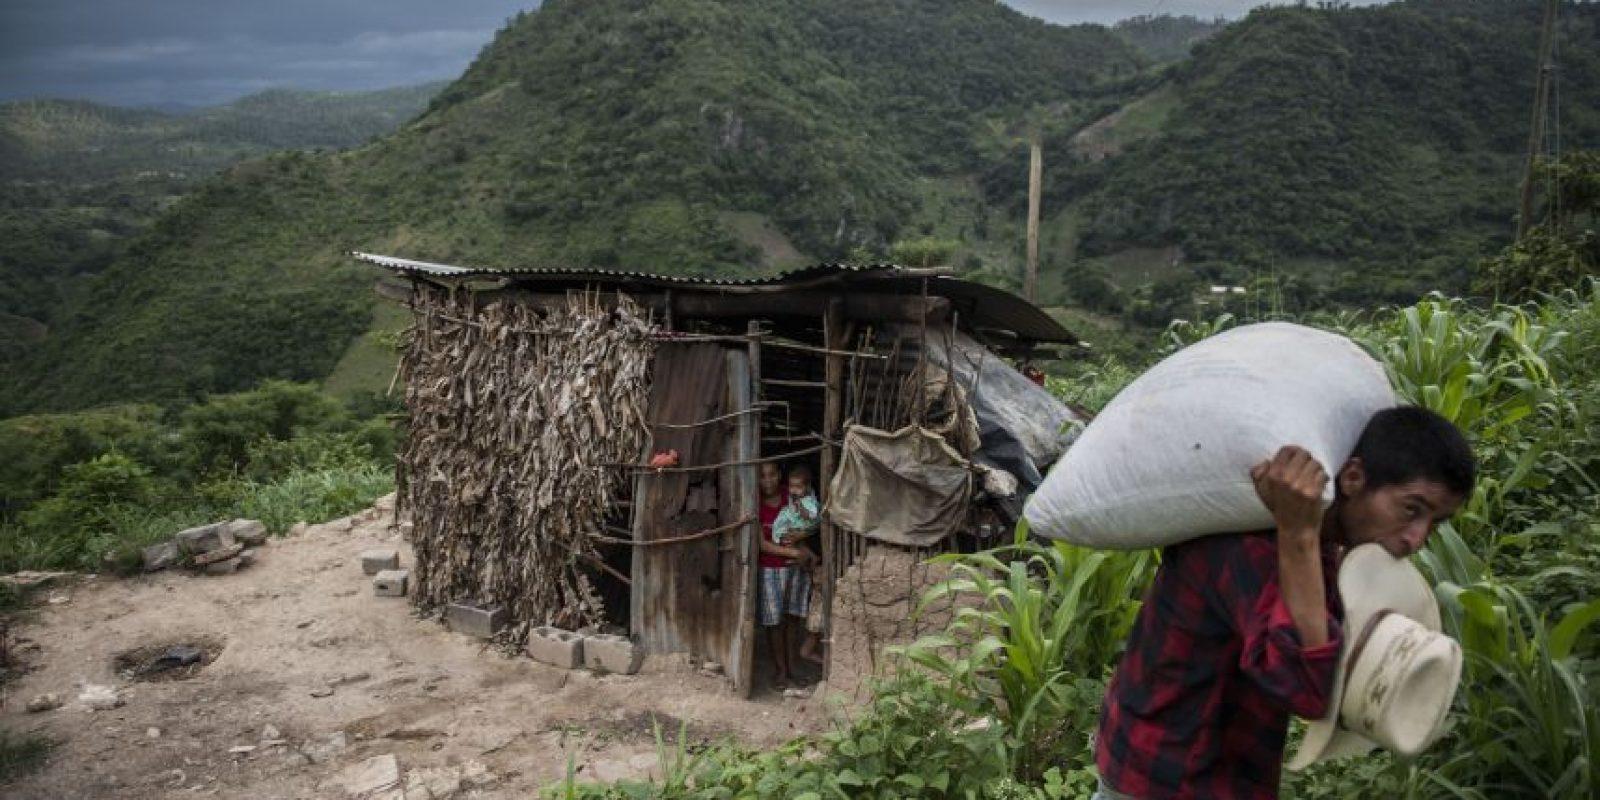 En viviendas como esta habitan hasta 8 personas en el caserío La Travesía, Shalaguá, Camotán, Chiquimula. Foto:Oliver de Ros